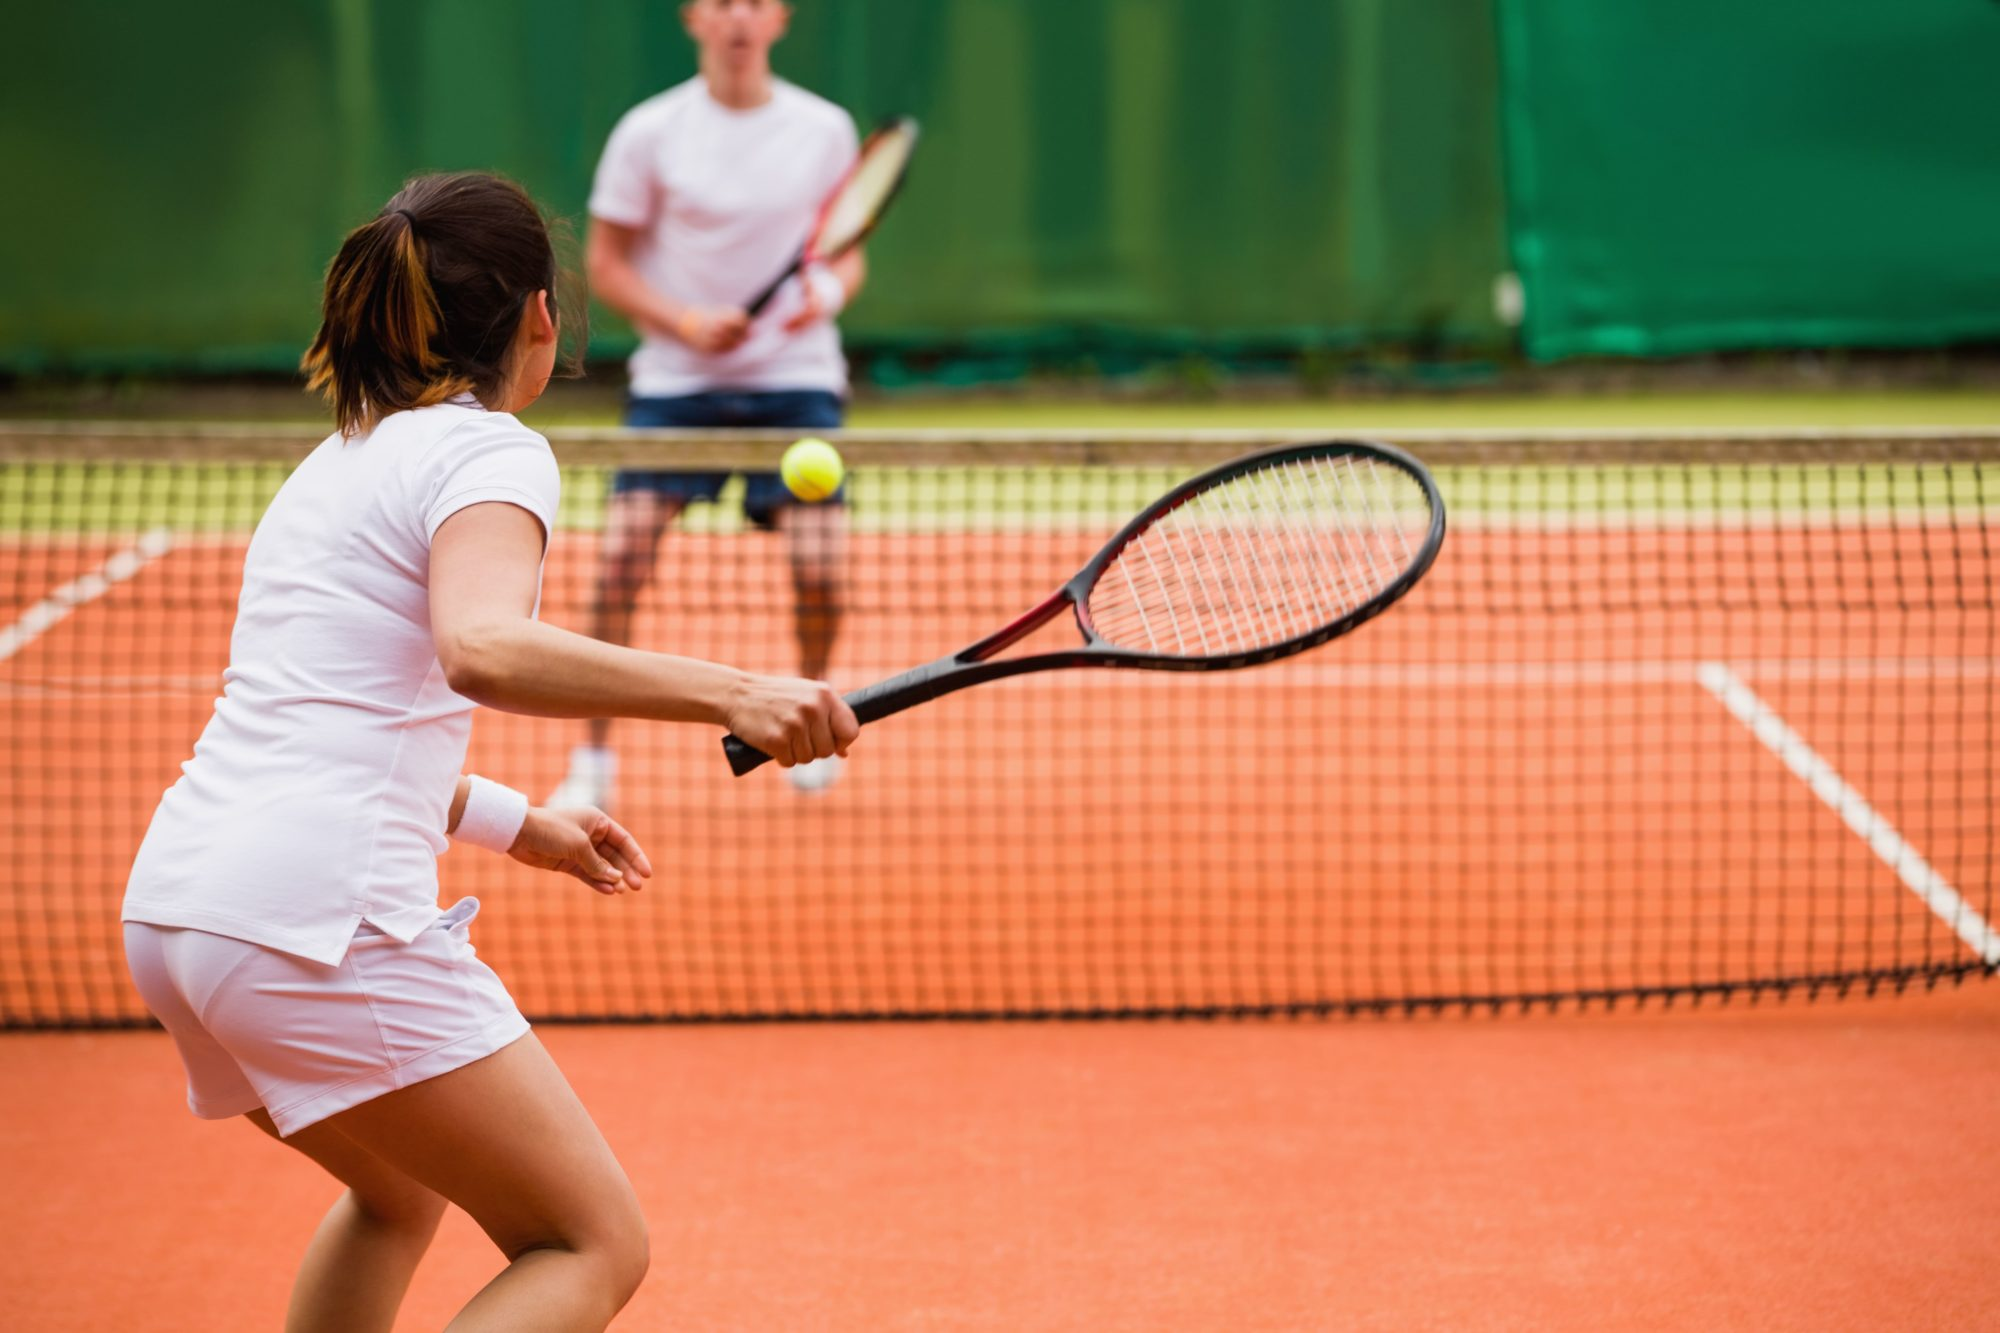 sport keuring jeugd tennis bij de sportarts van sport medisch centrum papendal